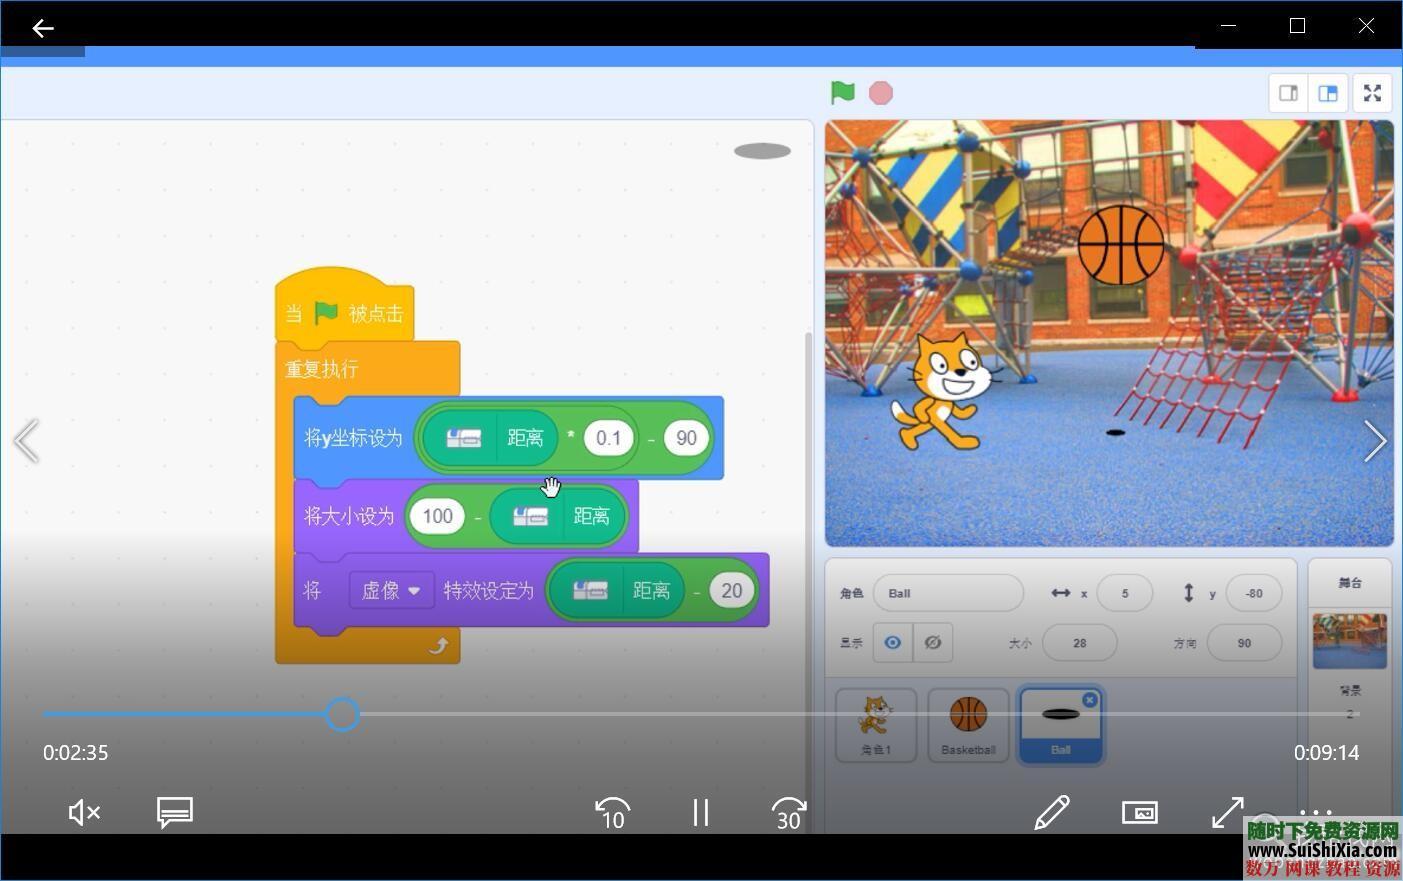 趣味scratch3.0少儿编程视频教程素材+3.6程序 第9张